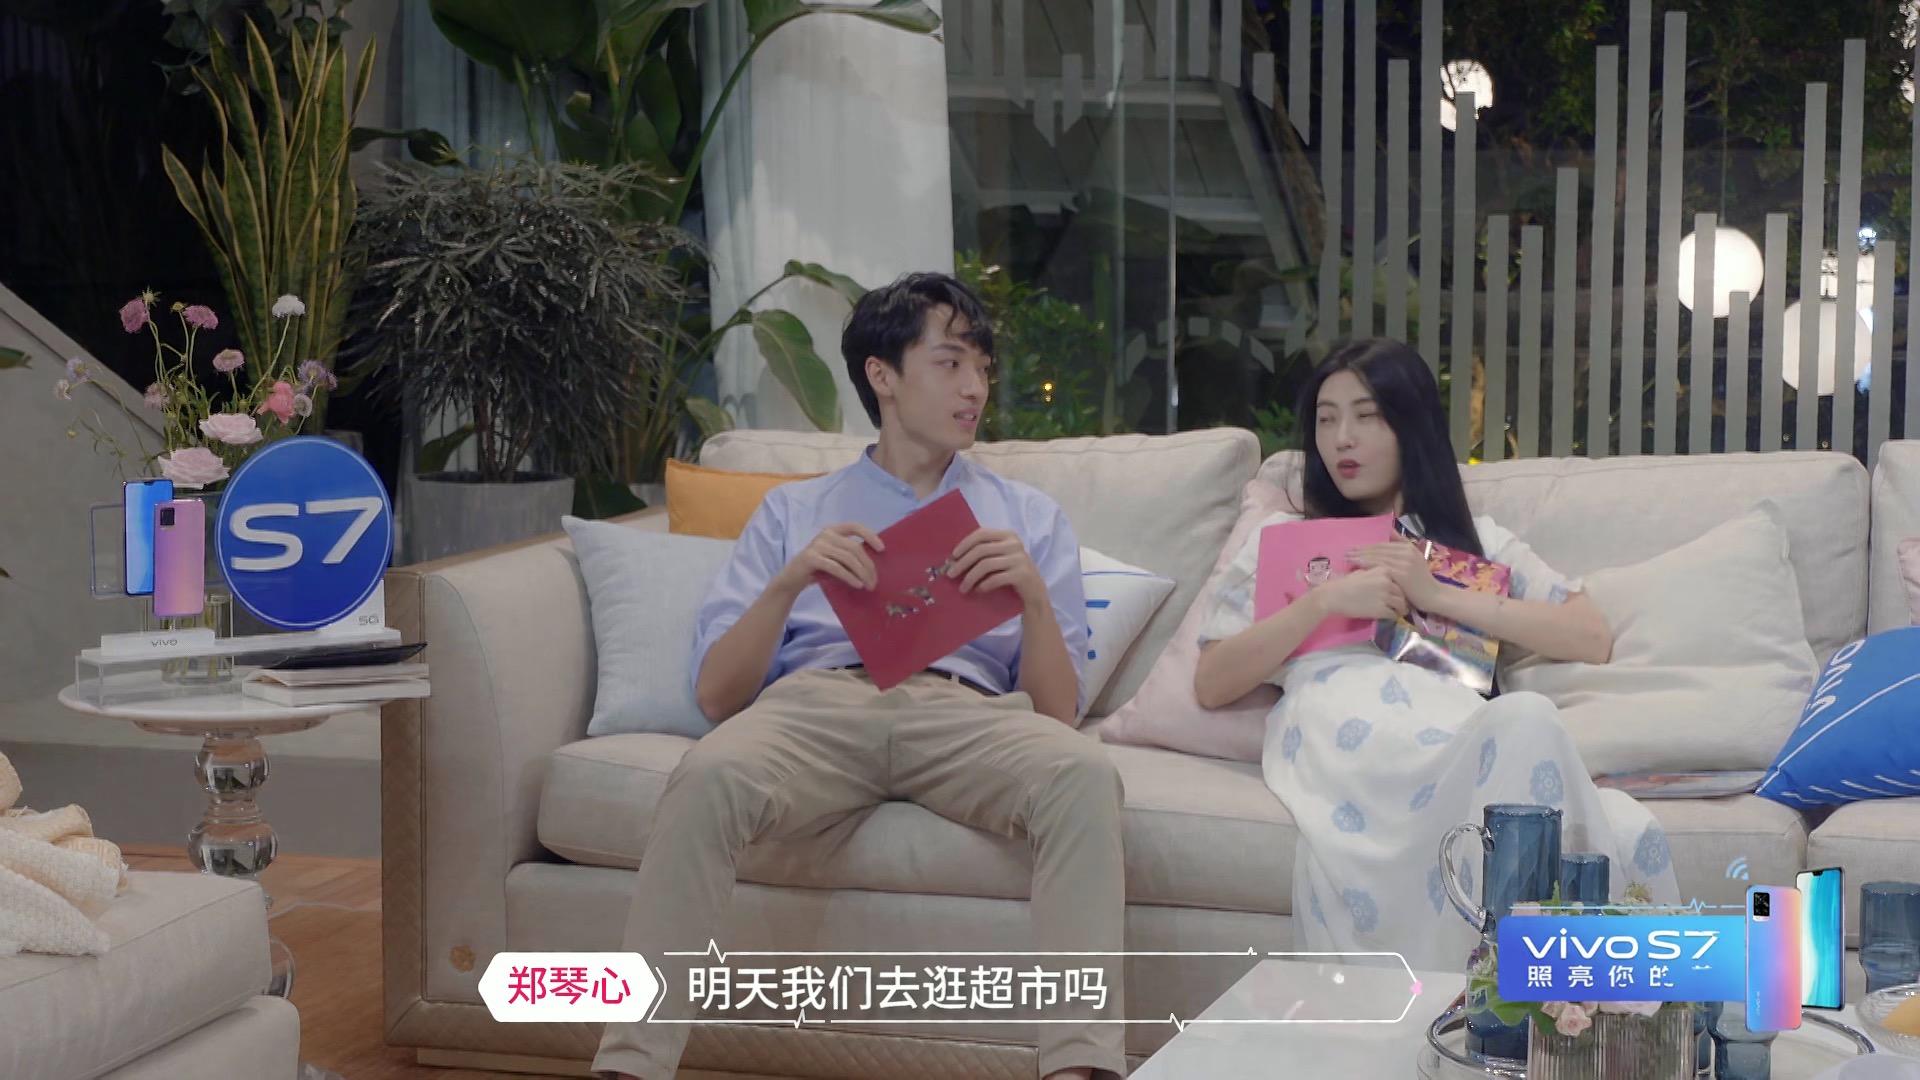 张翰直言喜欢陈延迪的简单纯粹!笨拙的人呐,总是惹人怜爱